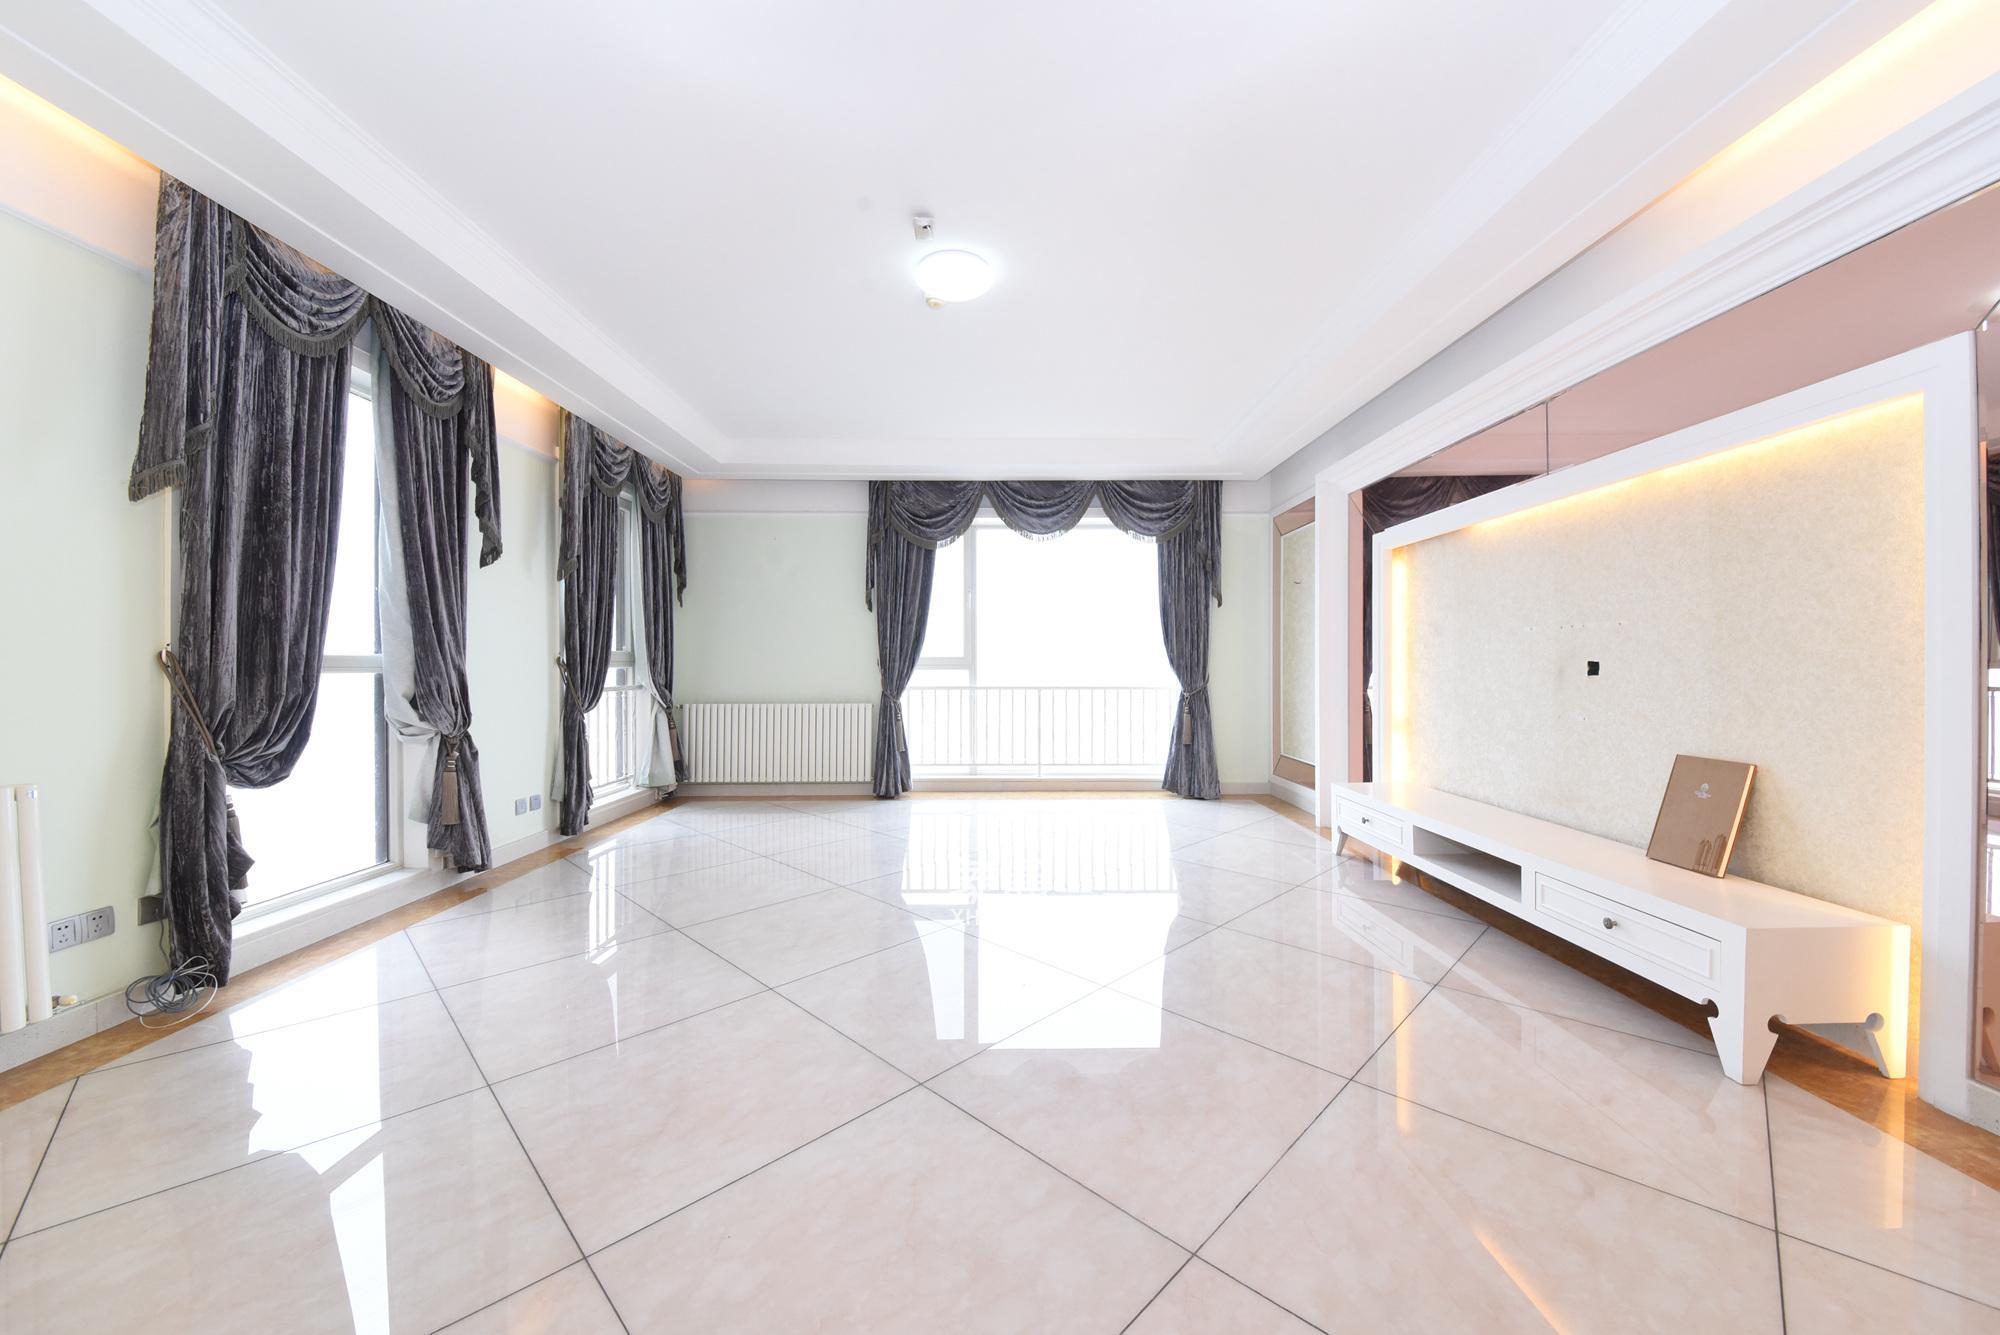 開福寺 金色屋頂 四室二廳 價格可談 隨時看房 湘江中路